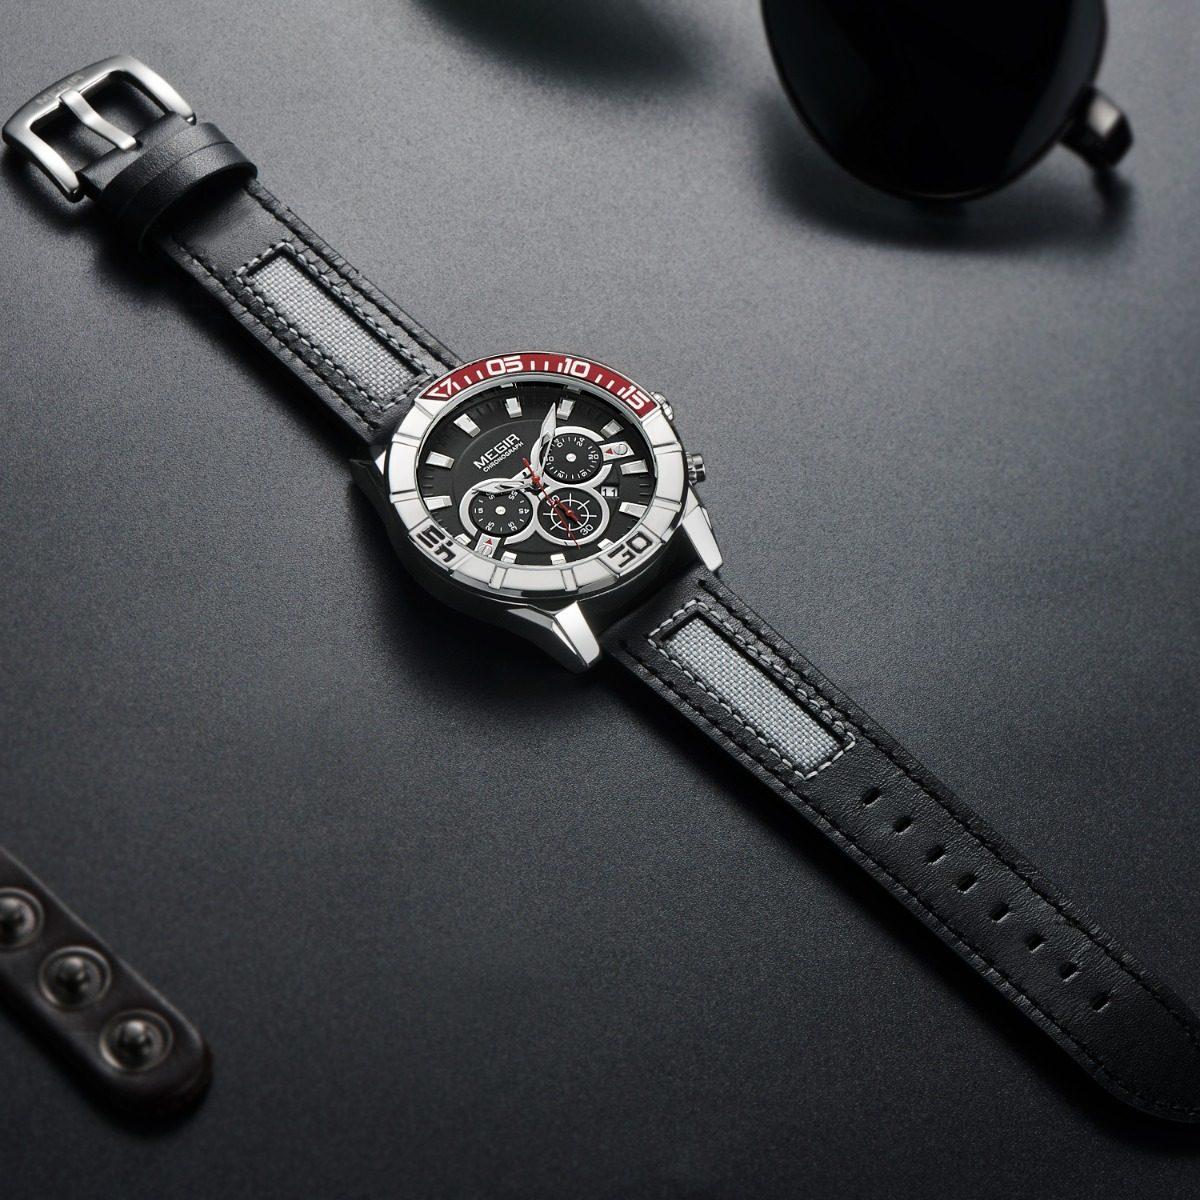 5717fd225f00 Reloj Megir Con Cronografo Para Hombre Original -   890.00 en ...